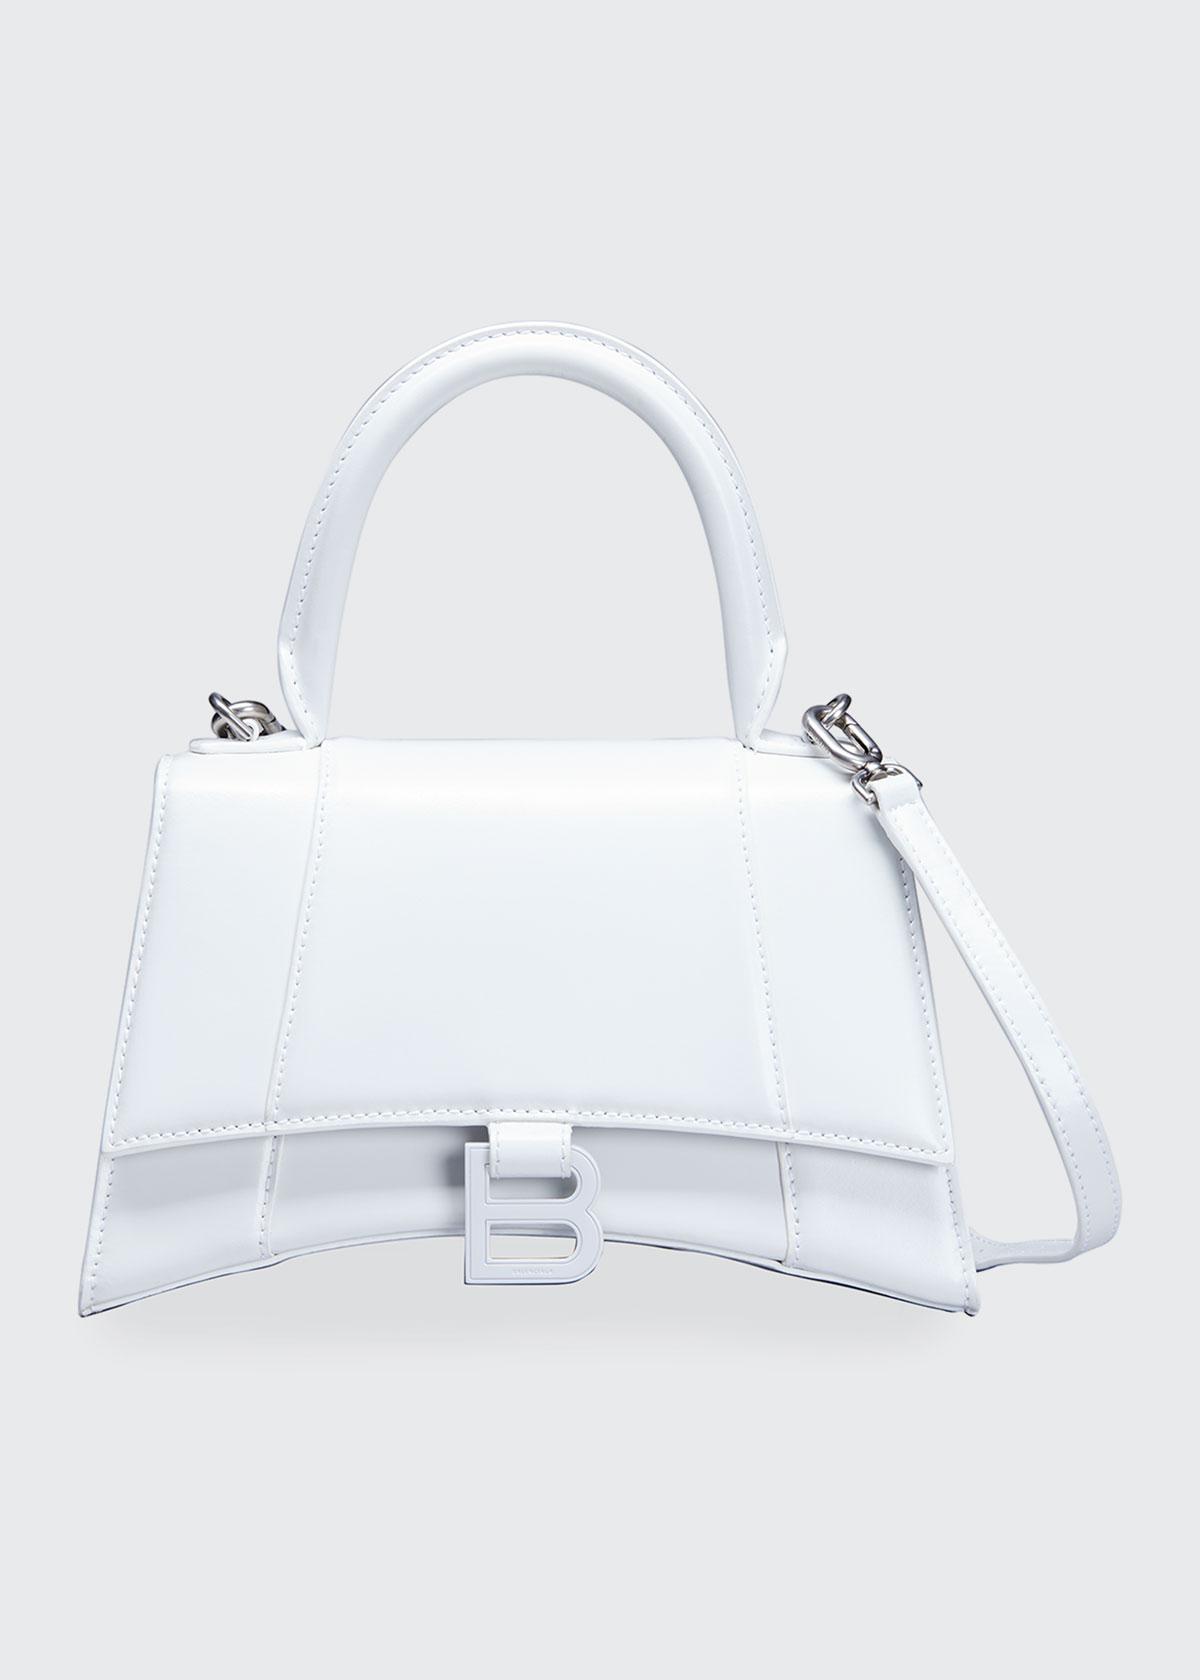 Balenciaga Leathers HOURGLASS SMALL TOP-HANDLE BAG